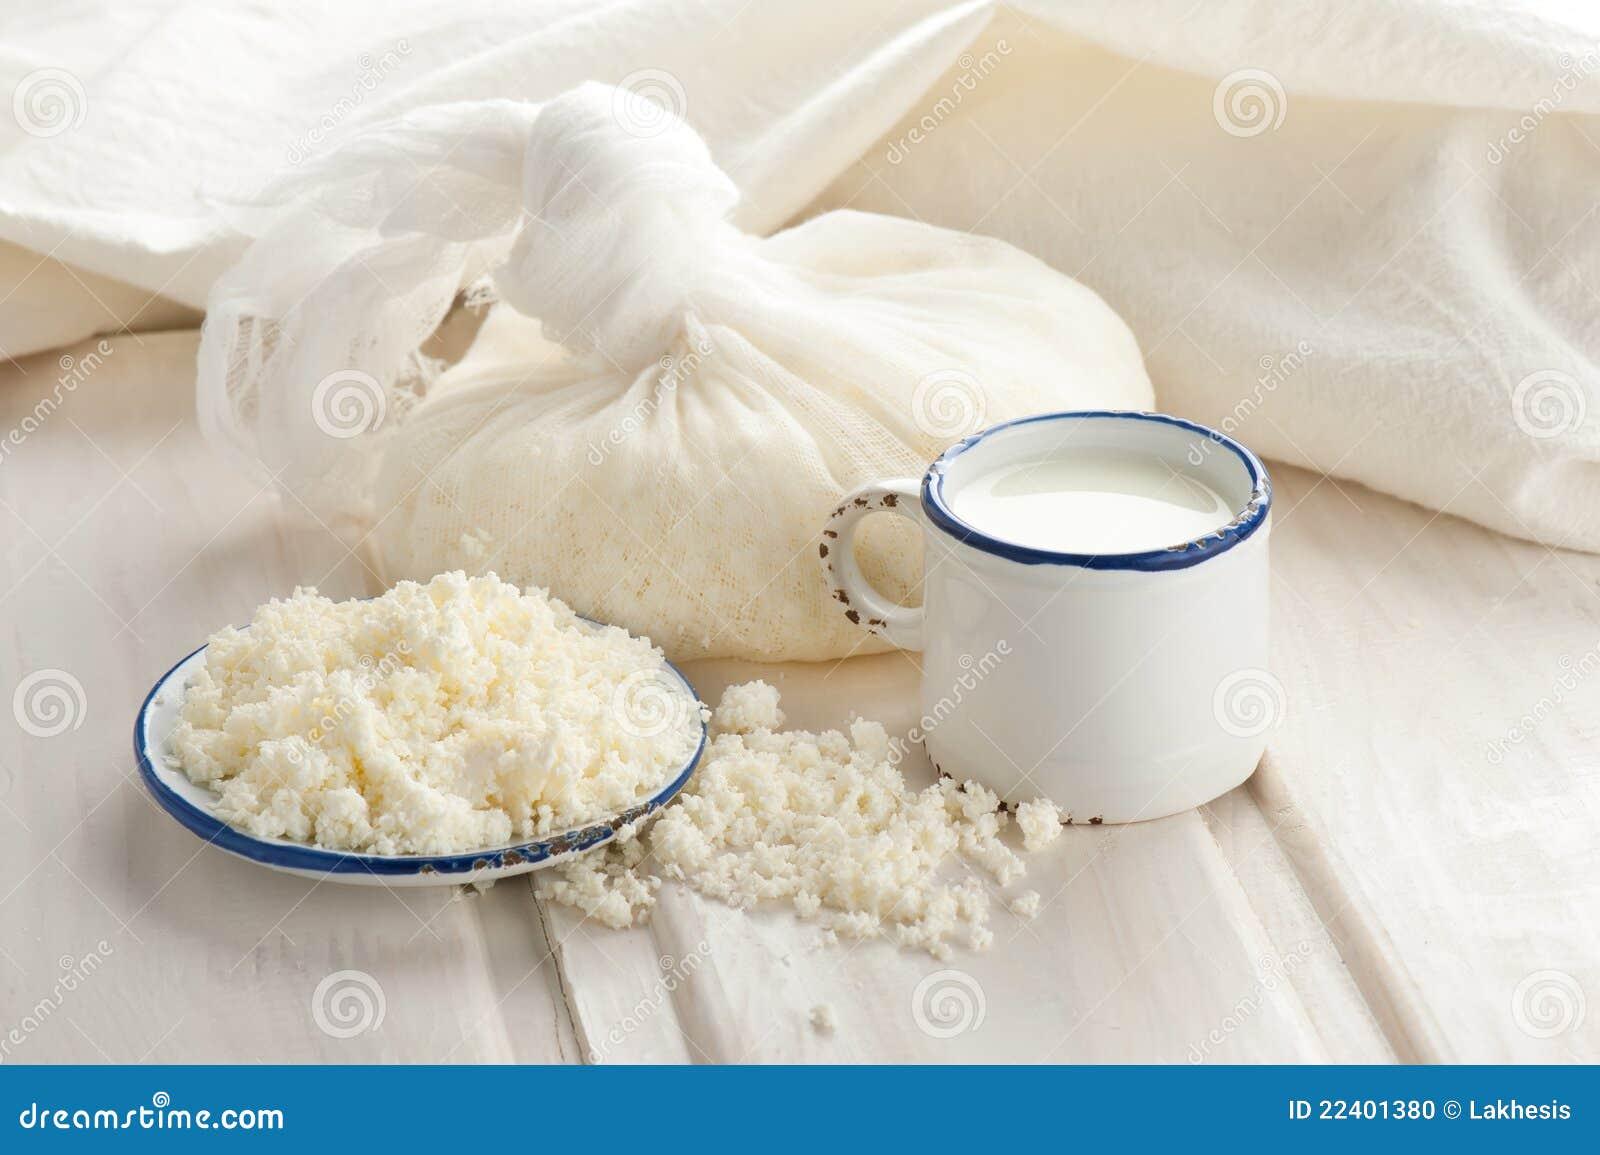 Hüttenkäse und Milch zum Frühstück